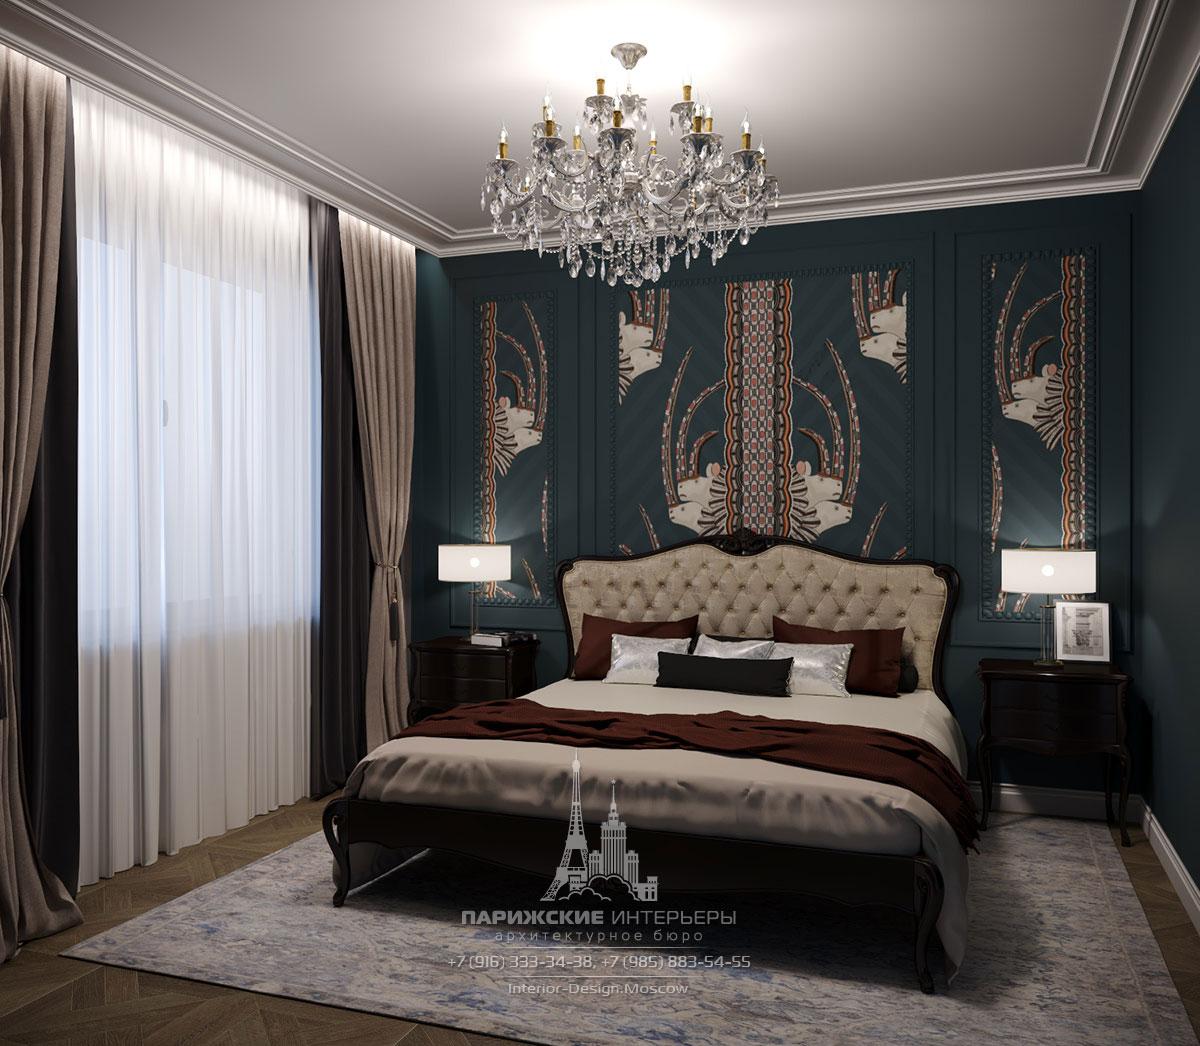 Интерьер загородного дома в парижском стиле – спальня с акцентной стеной